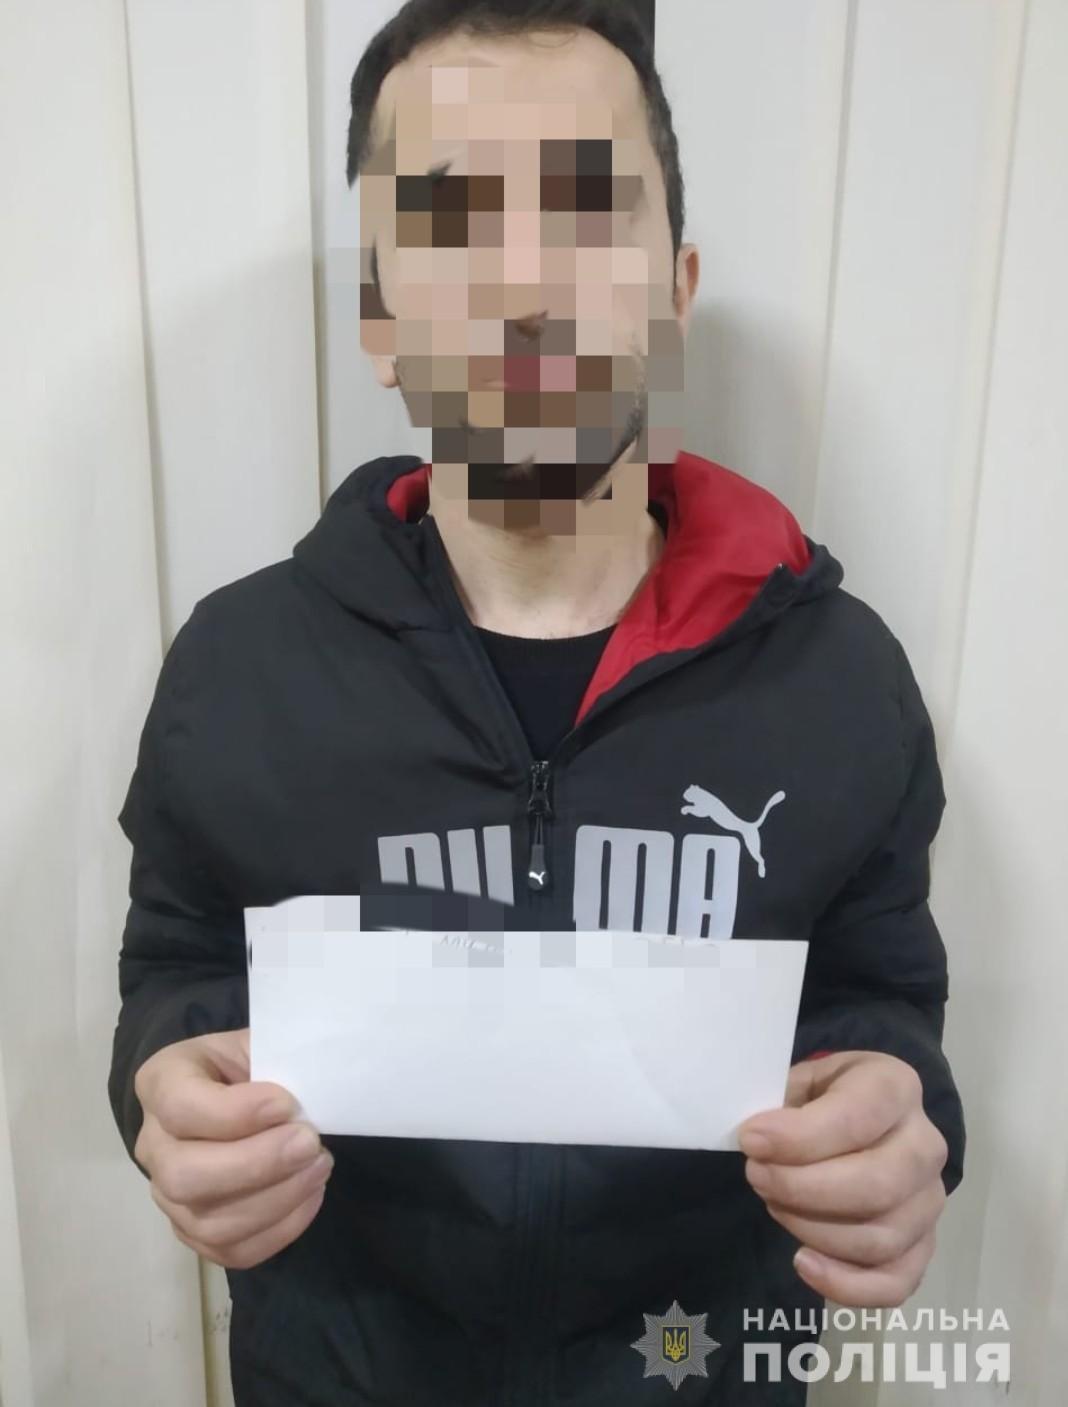 На Закарпатті викрили іноземця, який організовував переправу нелегалів через кордон (ФОТО), фото-1